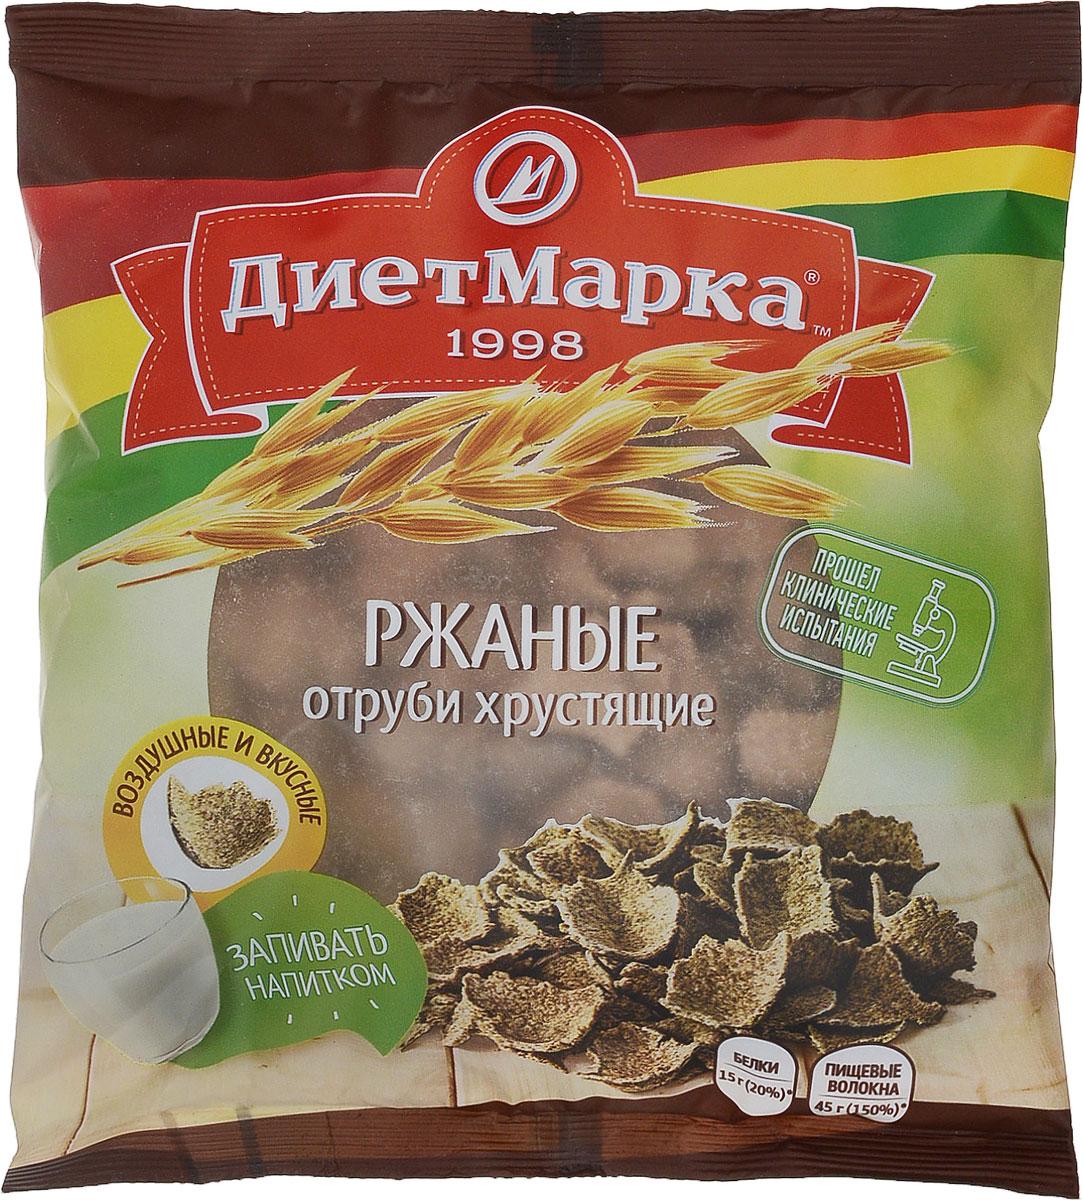 Диет Марка отруби хрустящие №29 ржаные, 100 г диадар отруби хрустящие ржаные бородинские 200 г